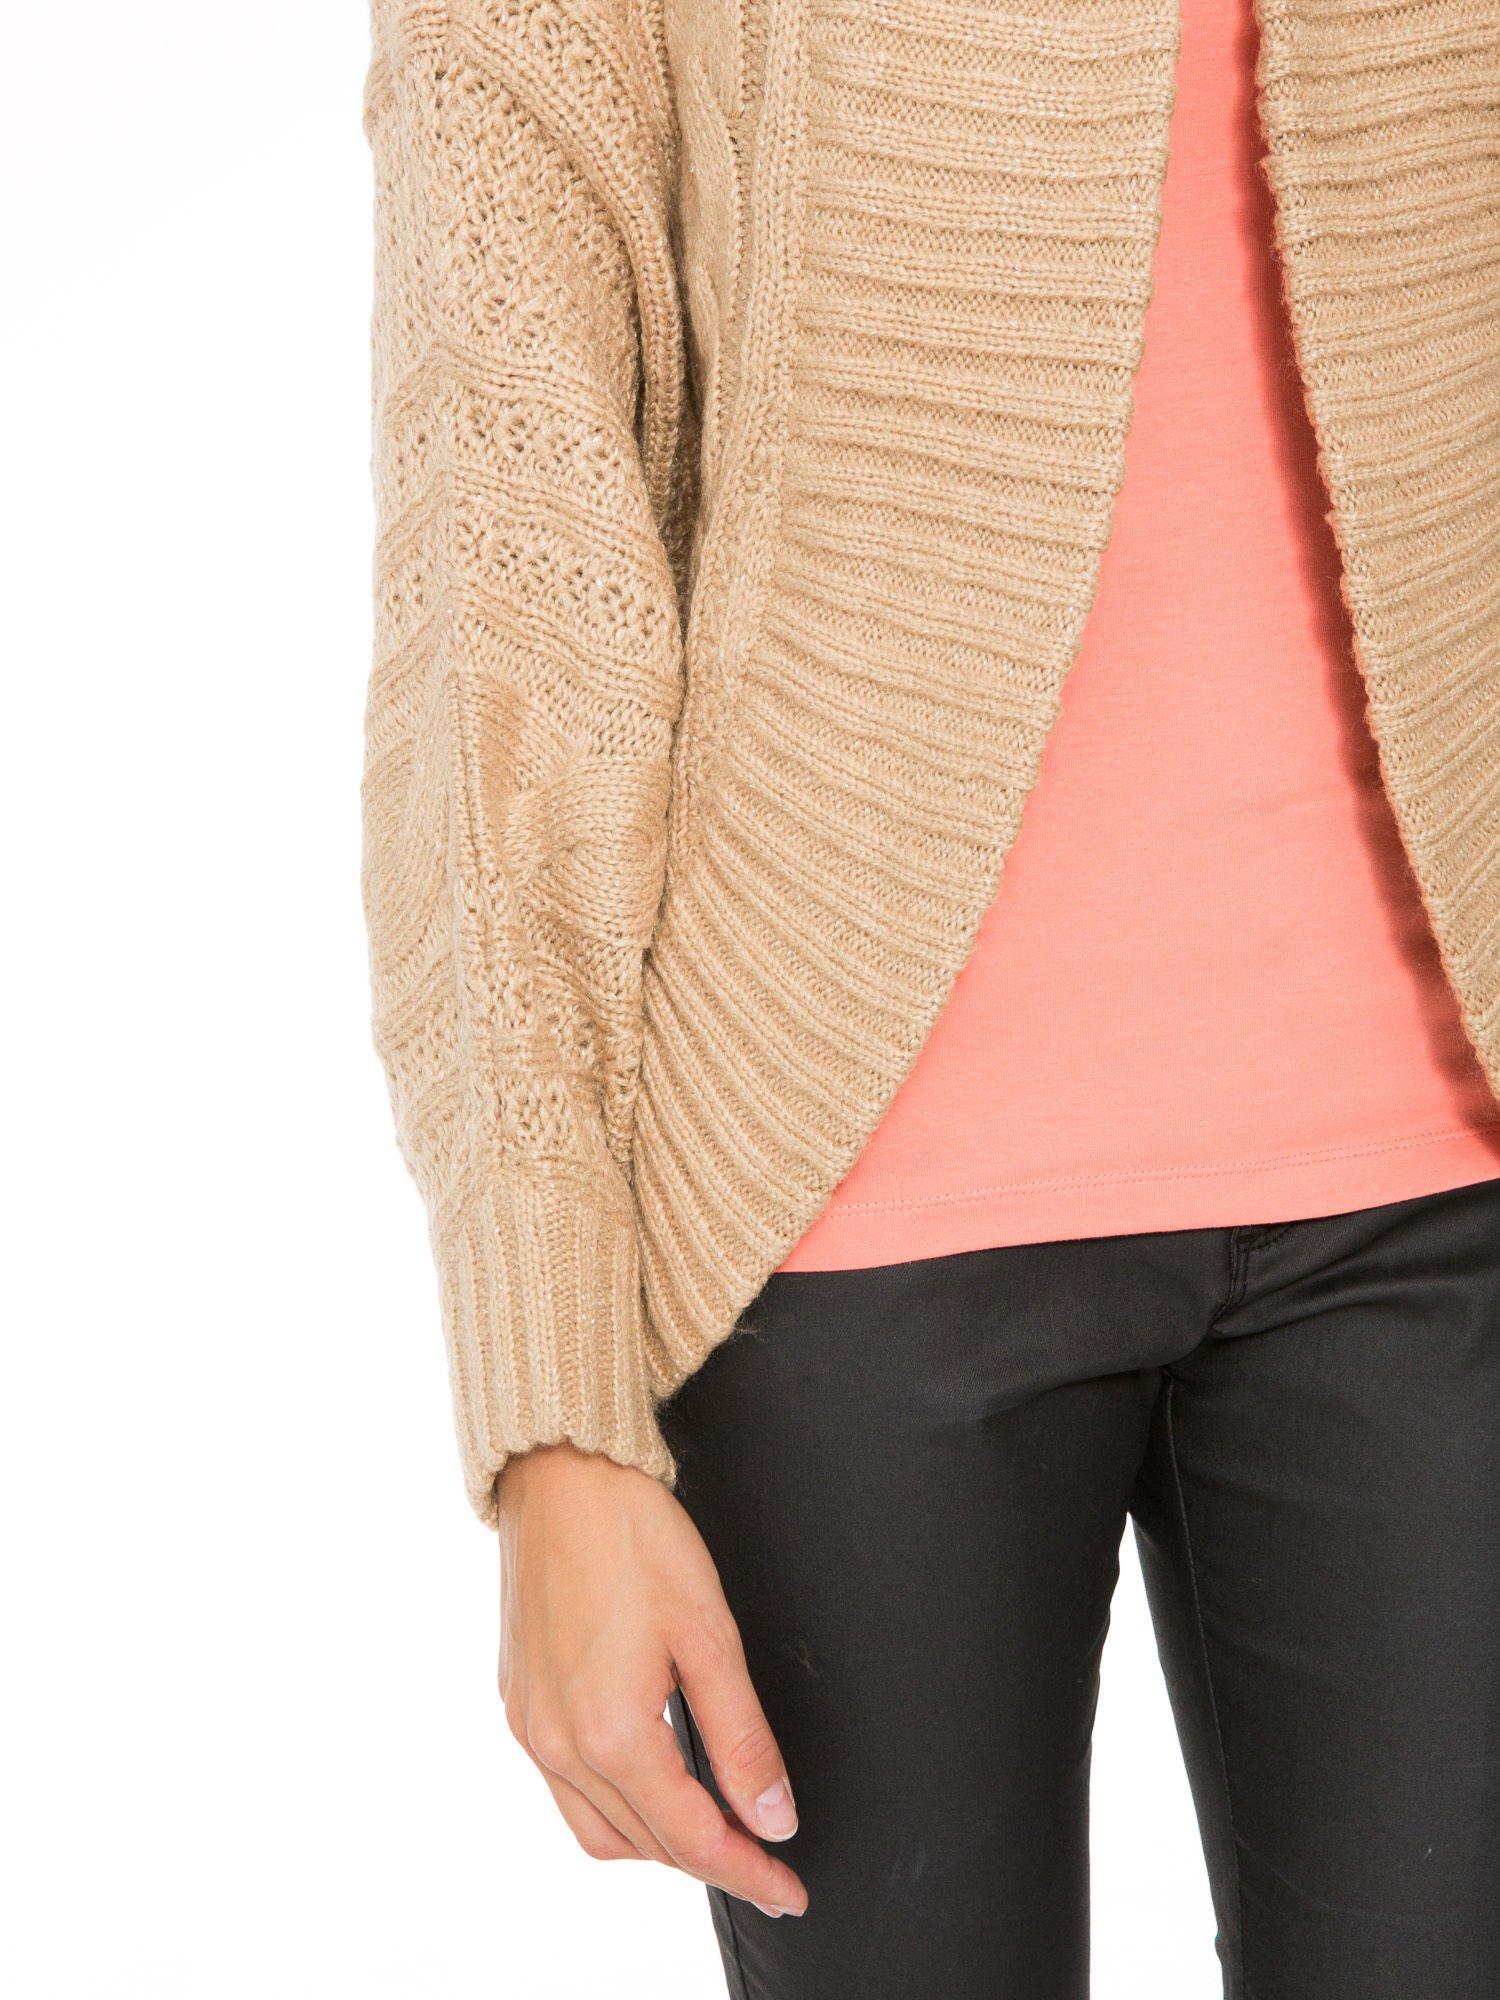 Beżowy dziergany sweter typu kardigan przeplatany błyszczącą nicią                                  zdj.                                  7